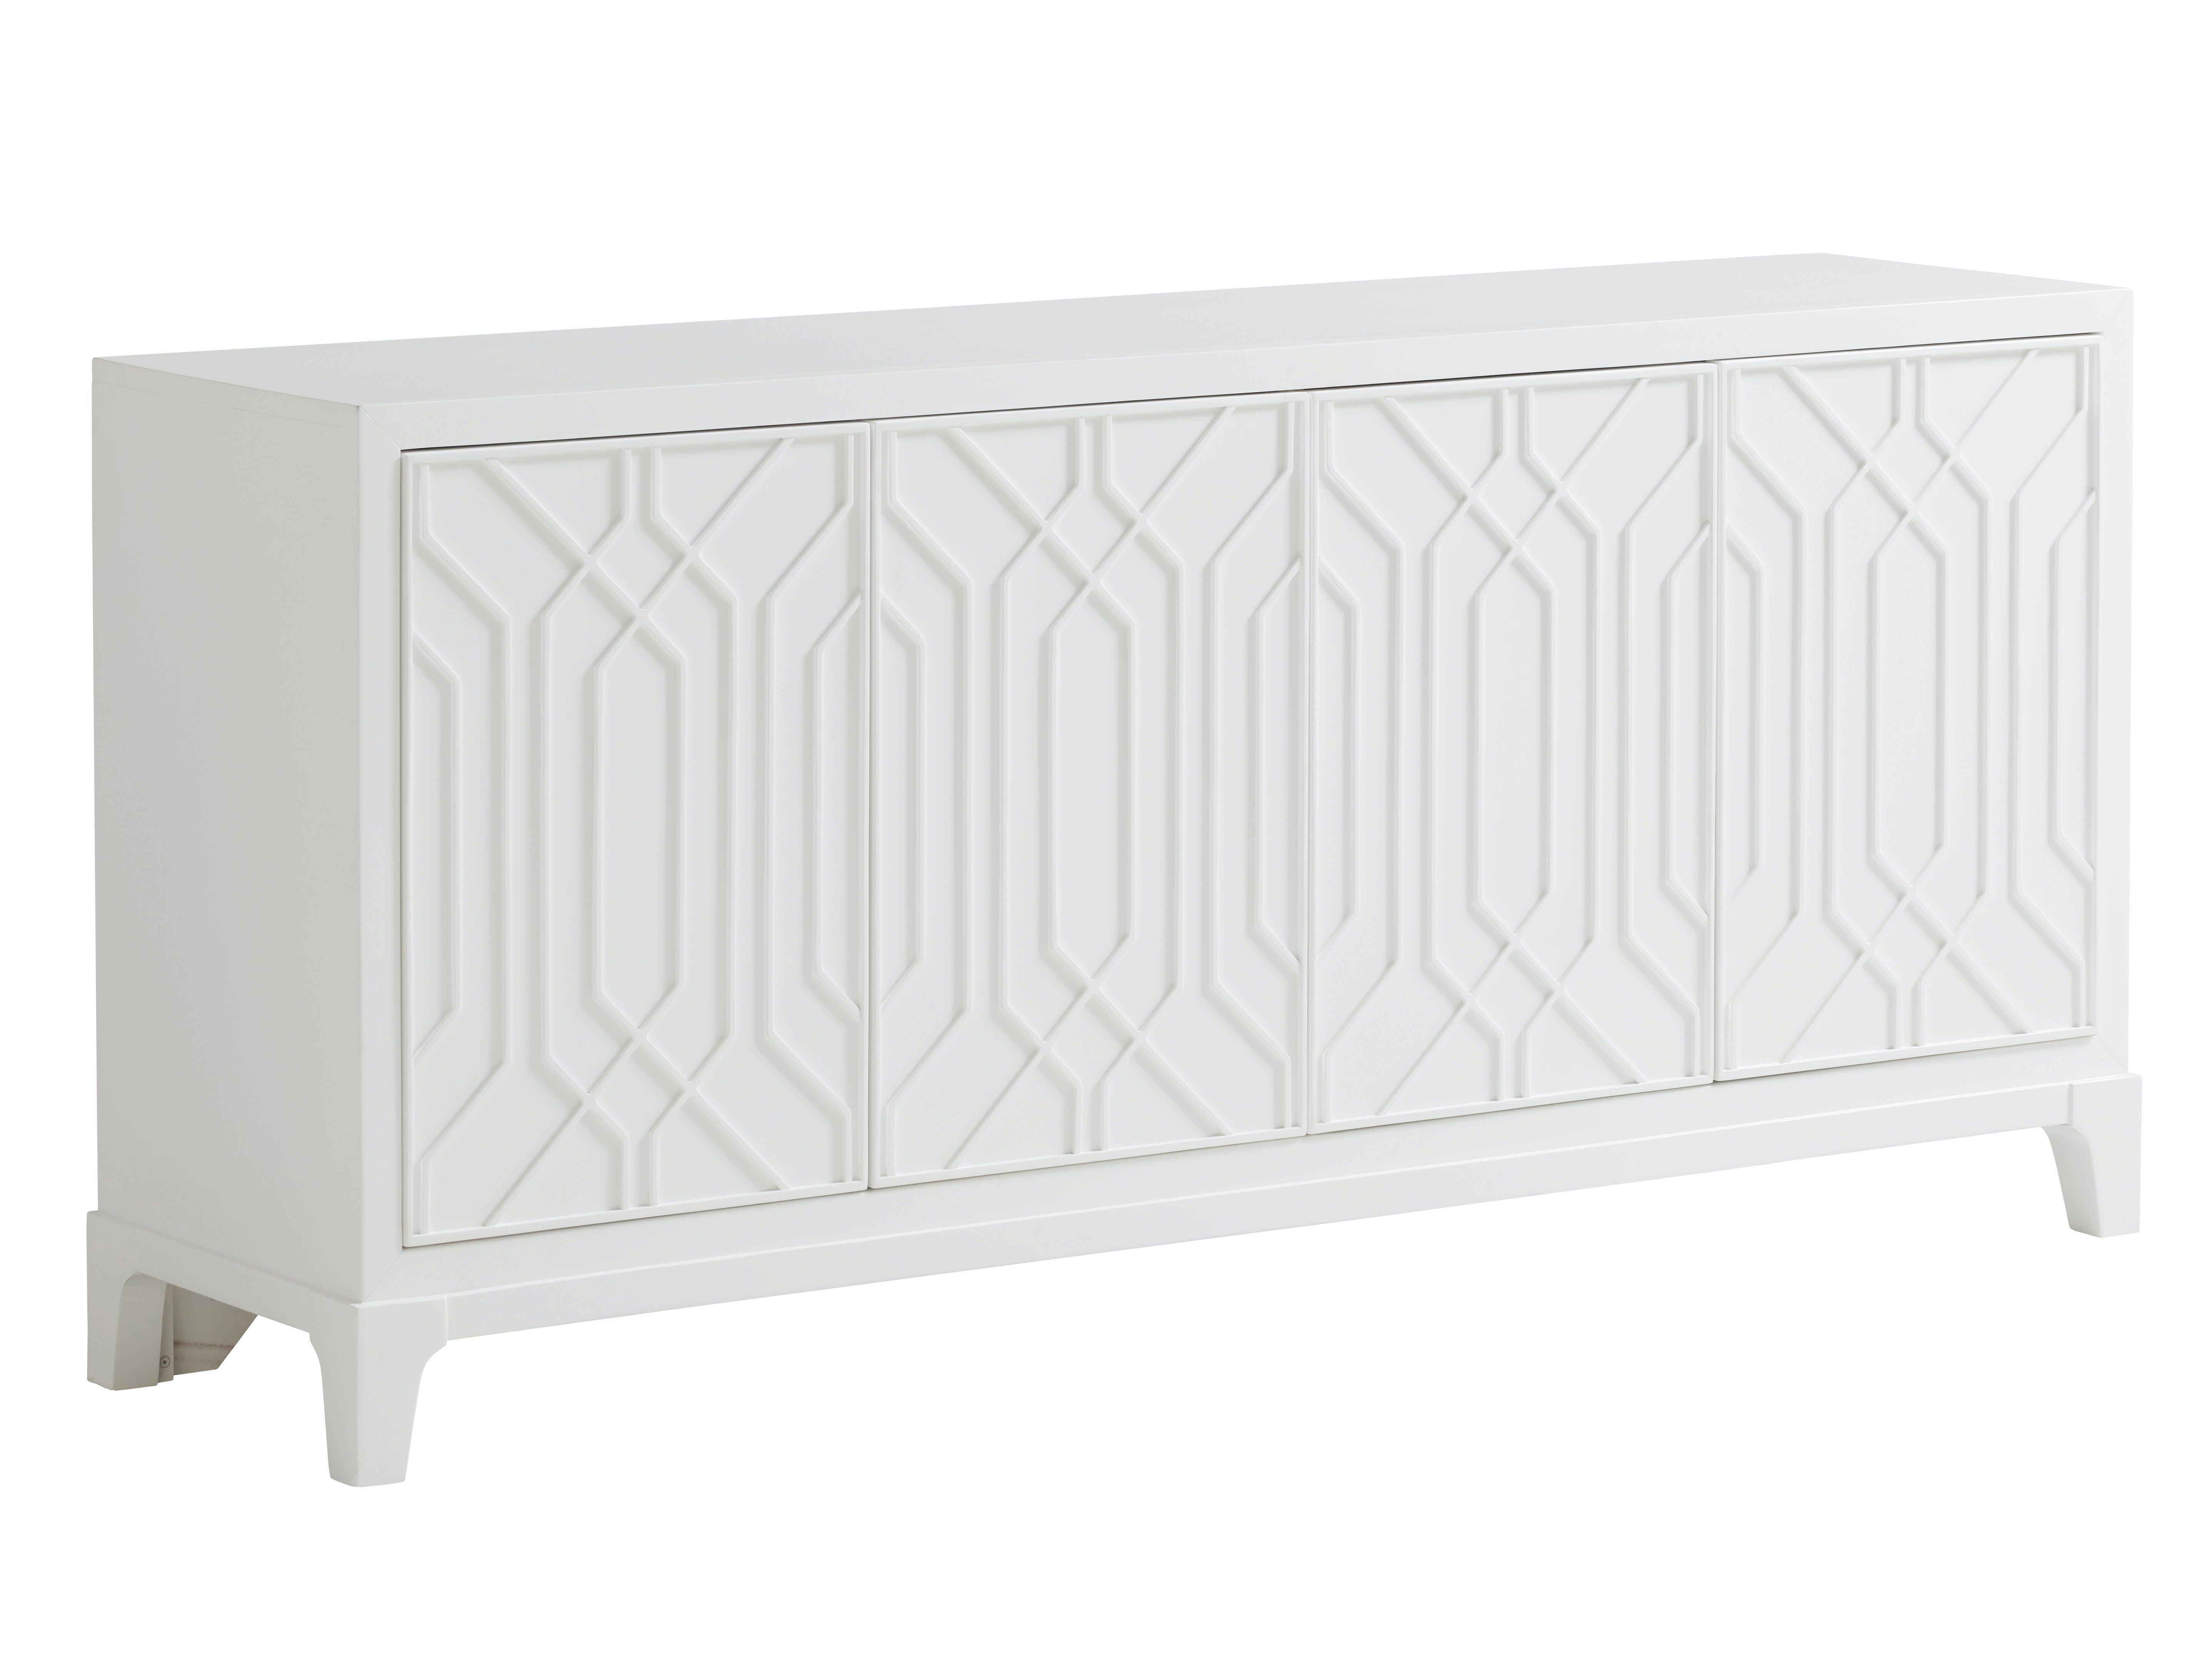 oak discontinued lexington bedroom furniture